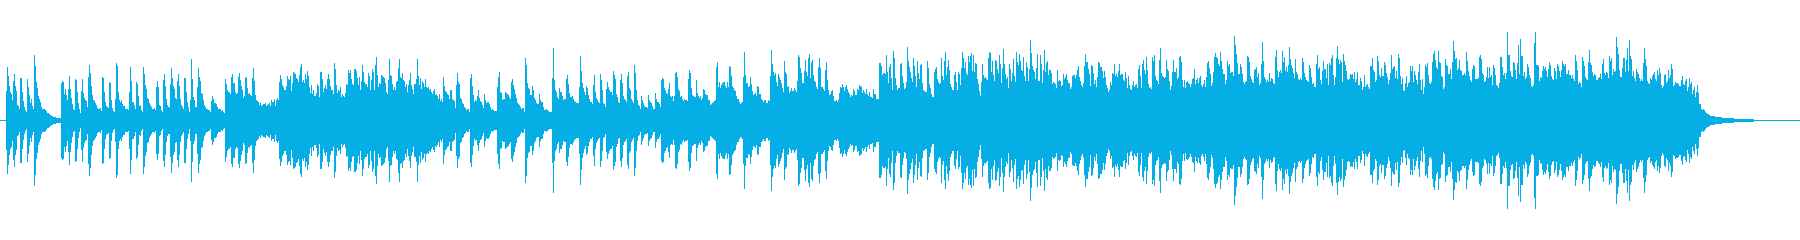 お月見をイメージした秋にピッタリの和曲の再生済みの波形